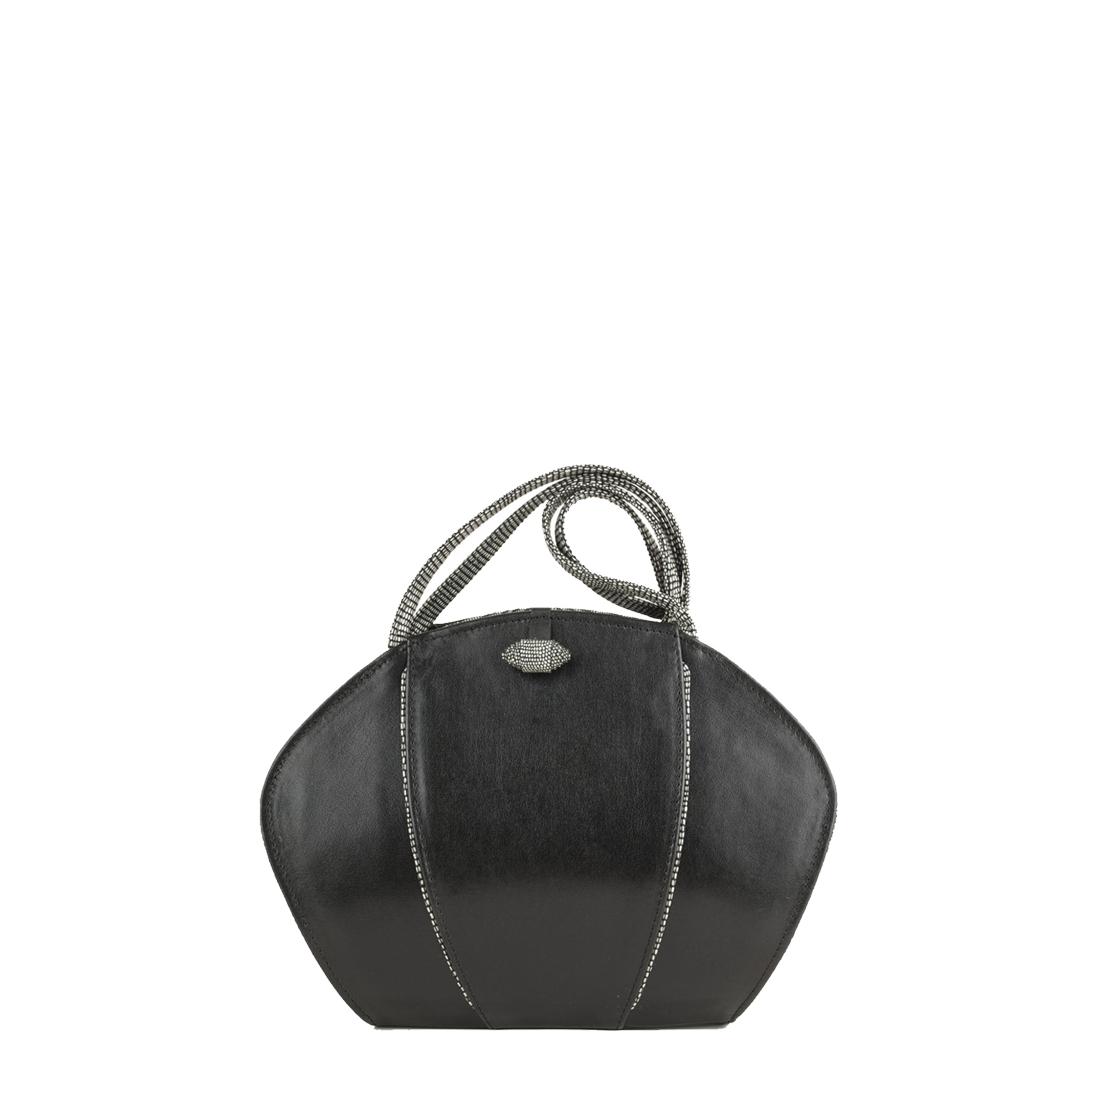 Lola Black Leather Shoulder Bag